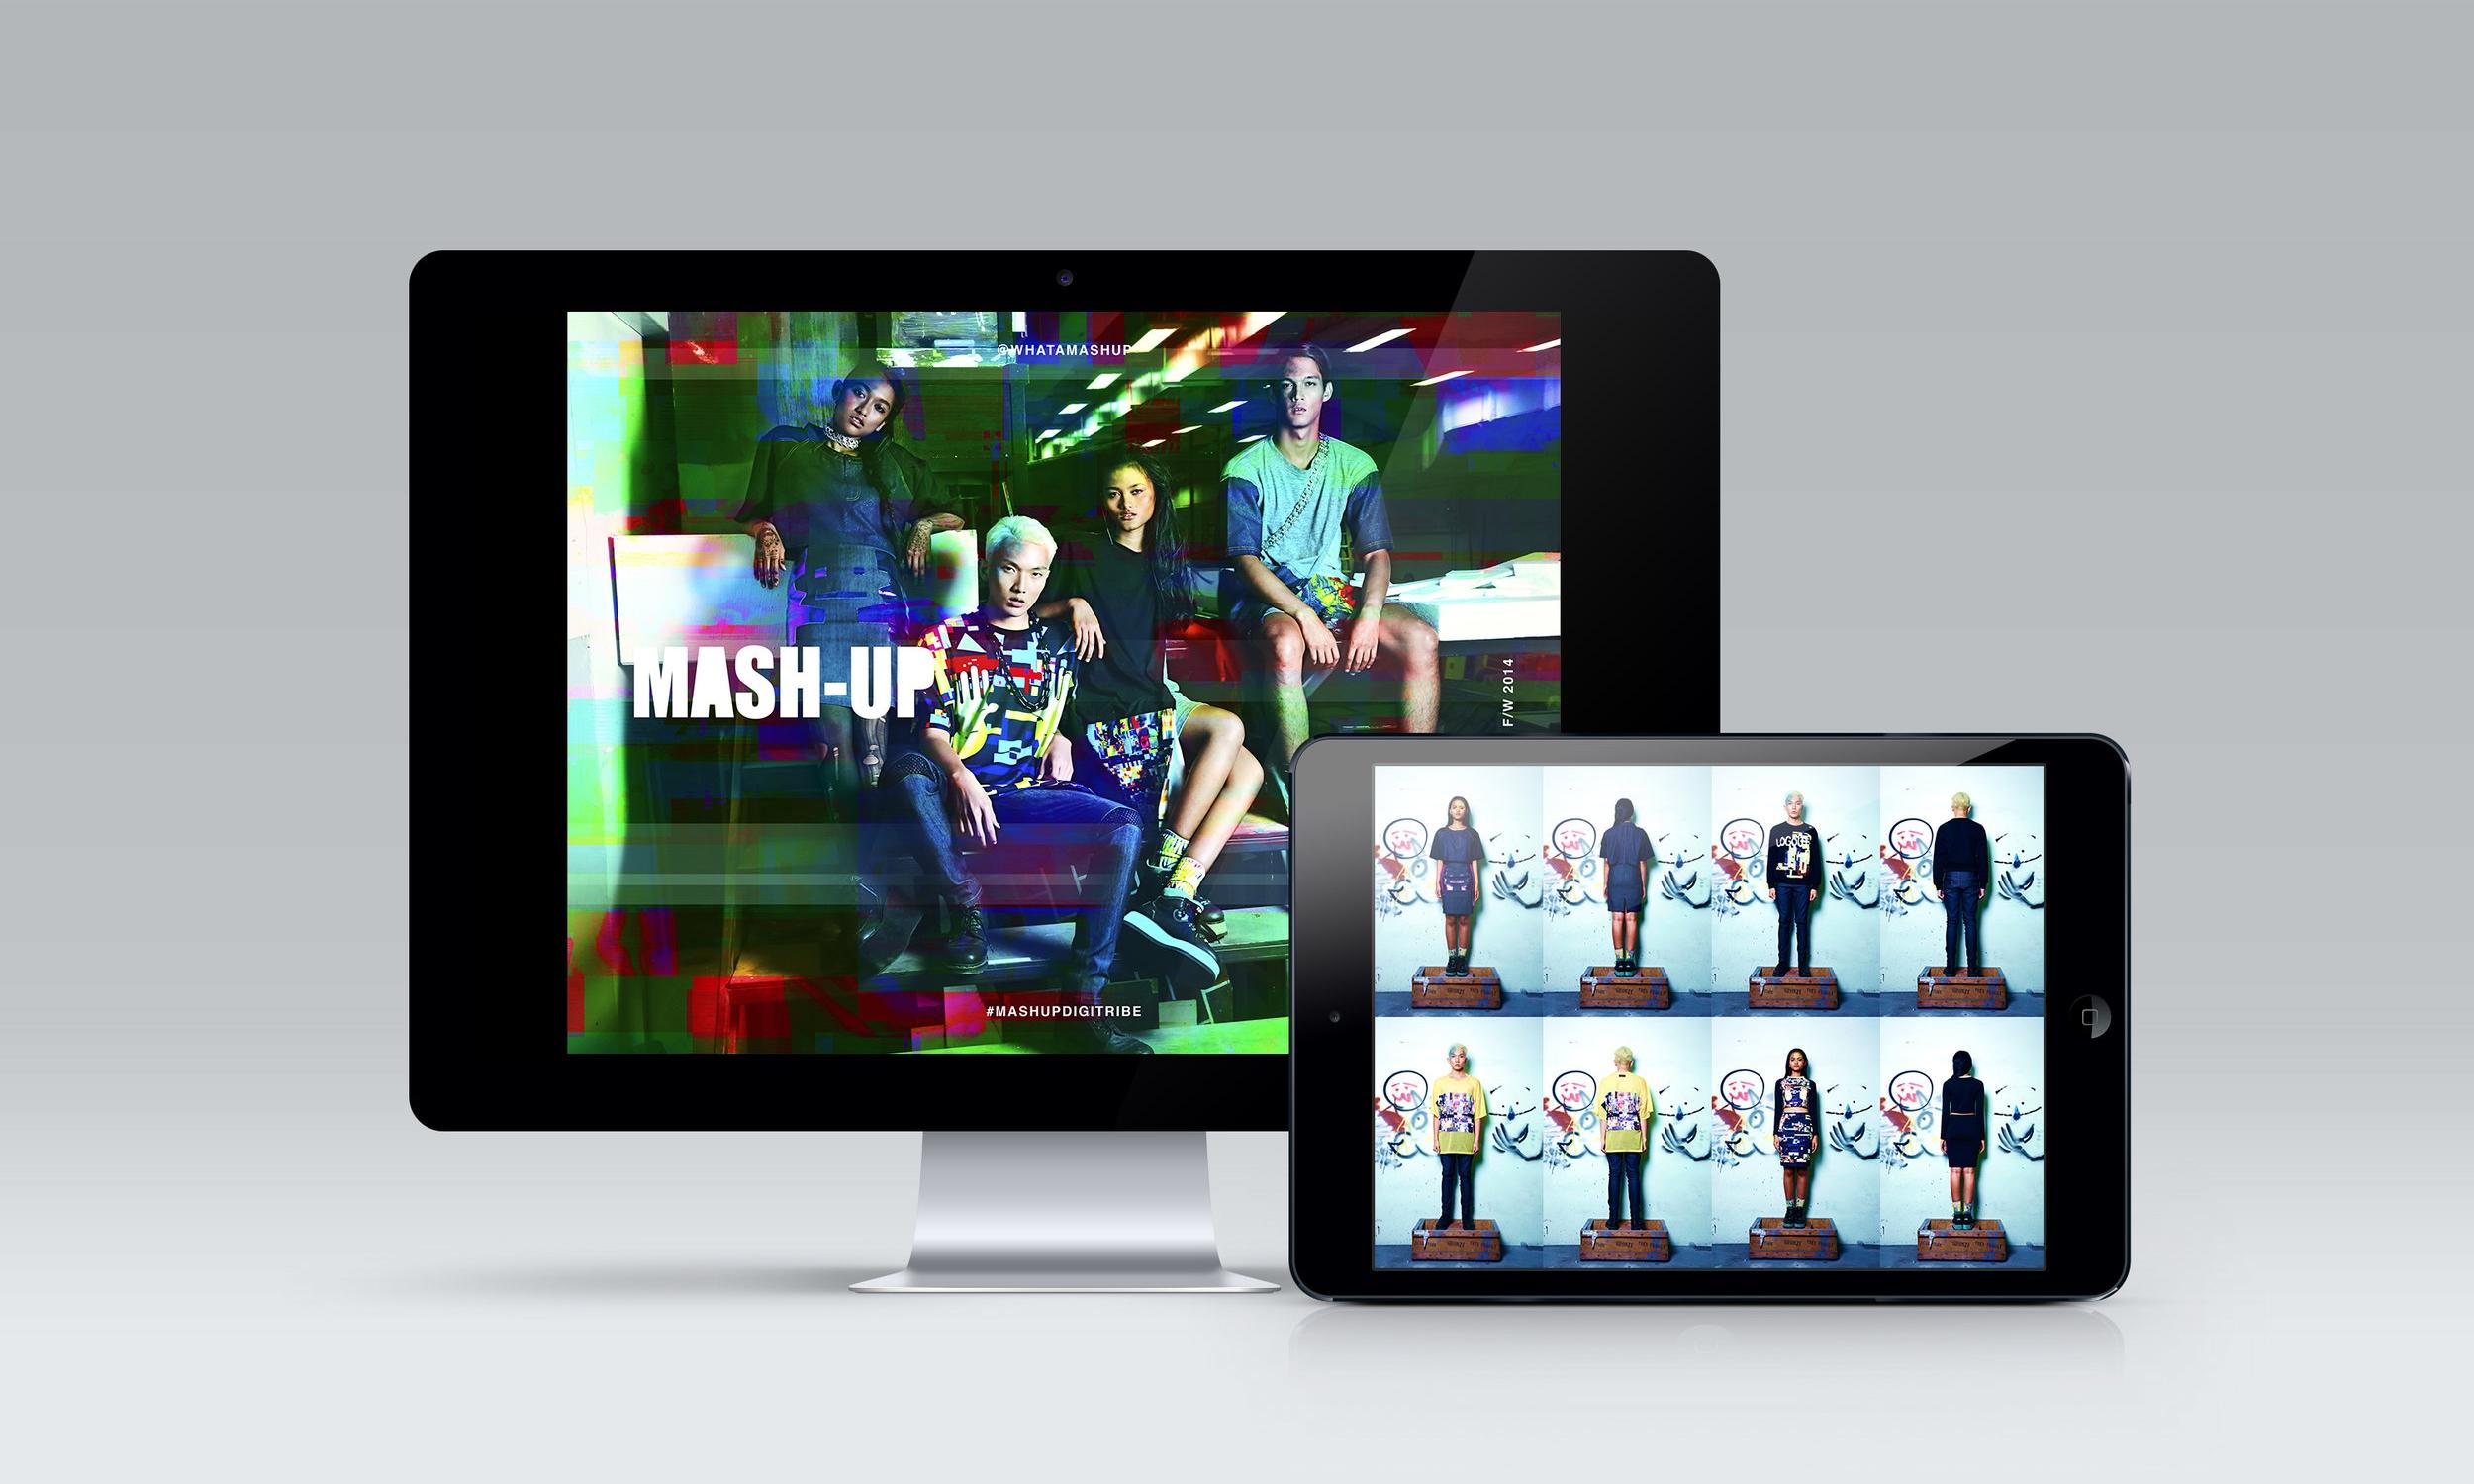 Mashup mac1.jpg